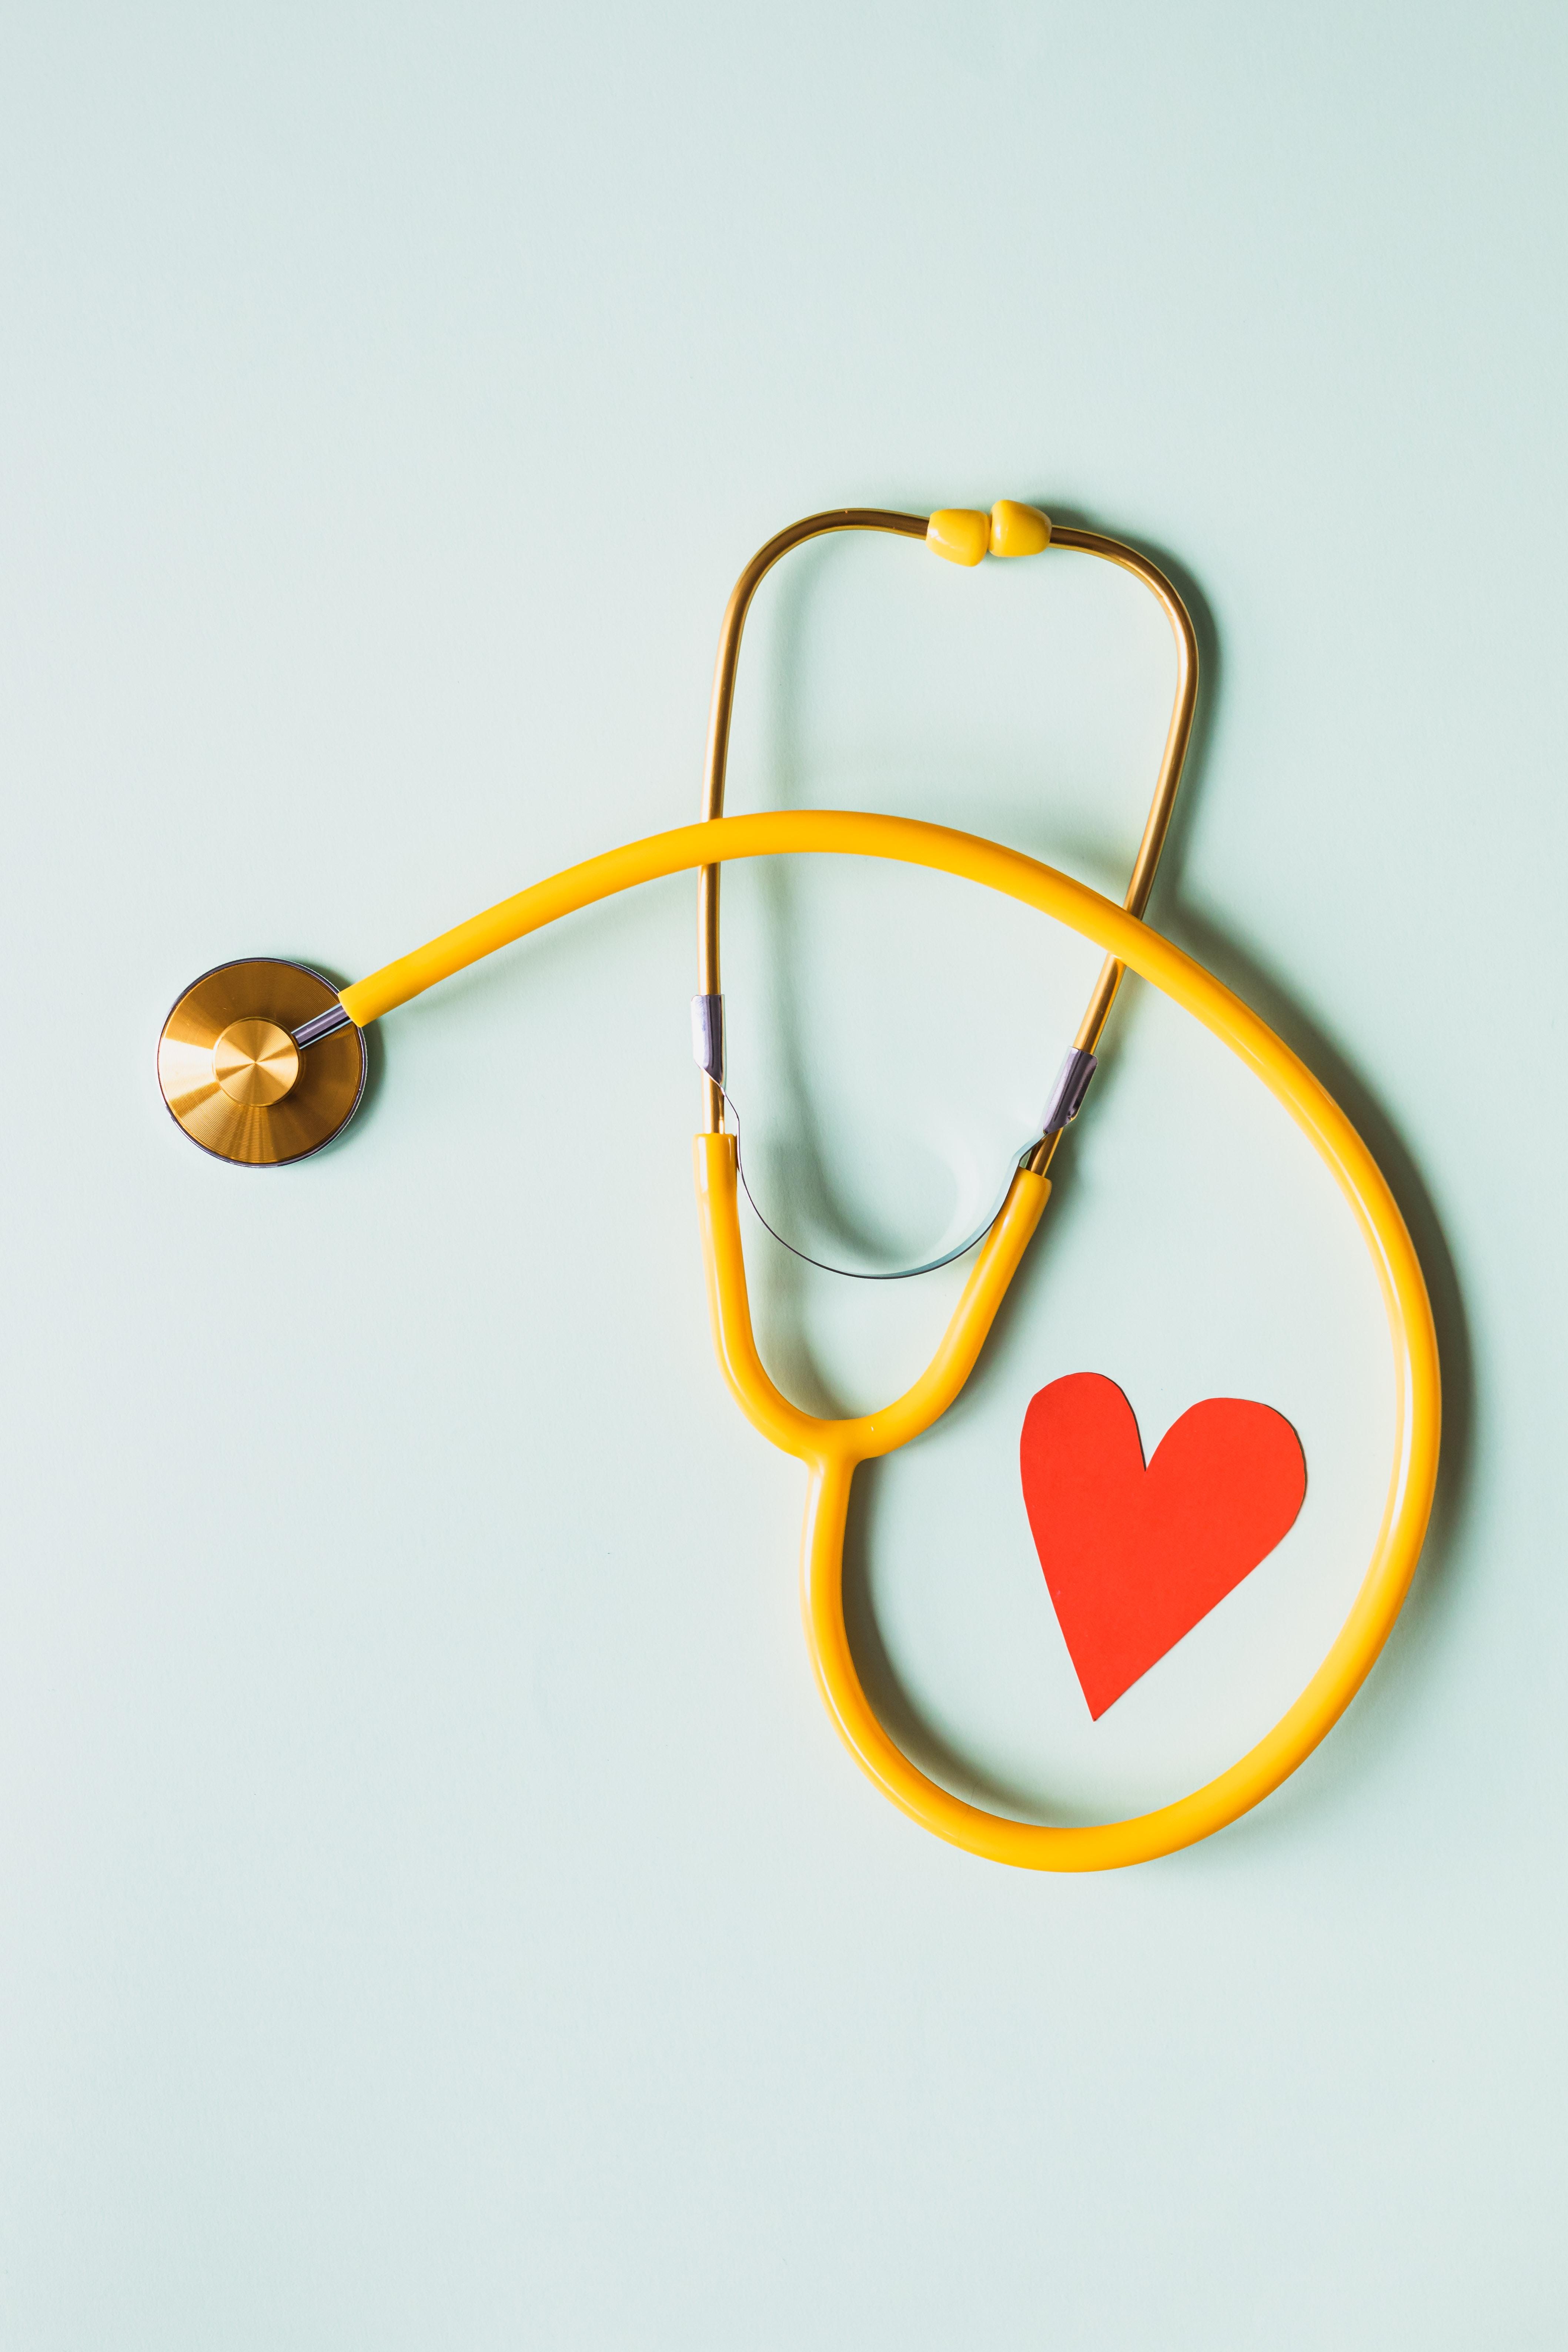 Polidatina e Resveratrolo aiutano a proteggere il cuore